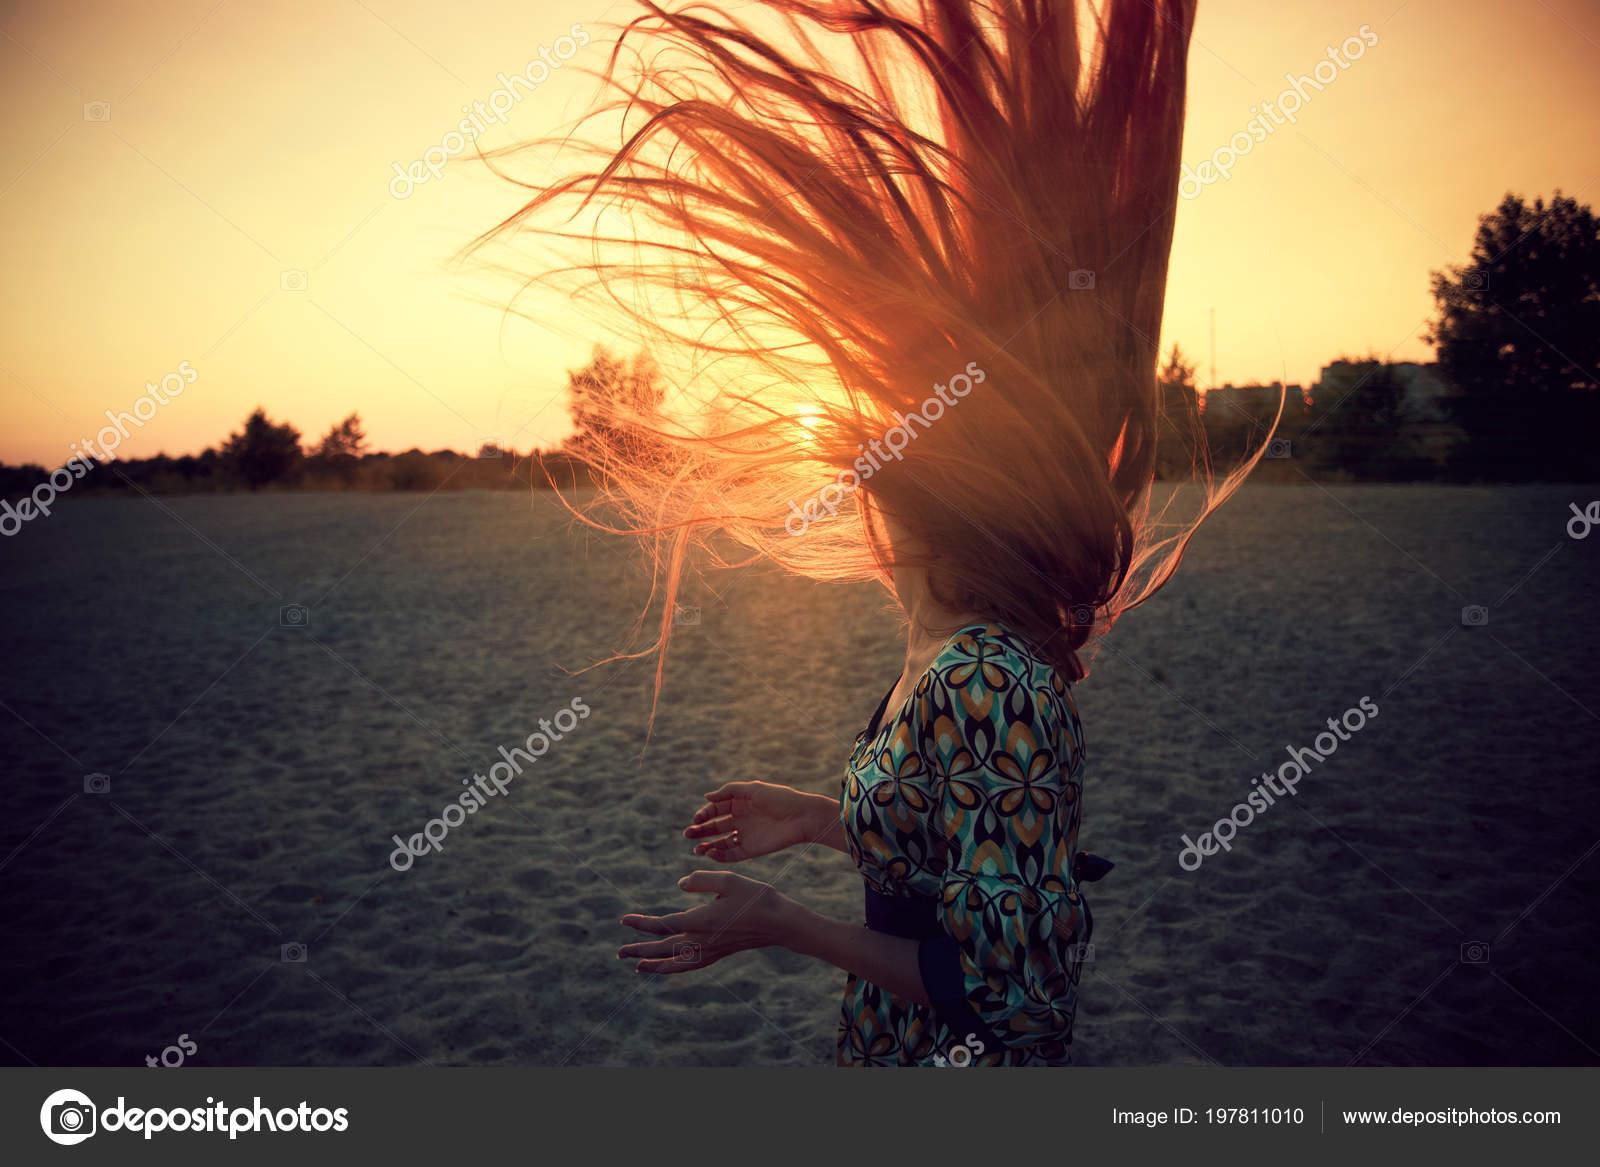 Krásy romantické yong dívka vlny vlasy shodí venku. Krásné dospívající  model dívka v neformální oblečení na hřišti ve světle slunce. Foukání  dlouhé vlasy. c4084013638